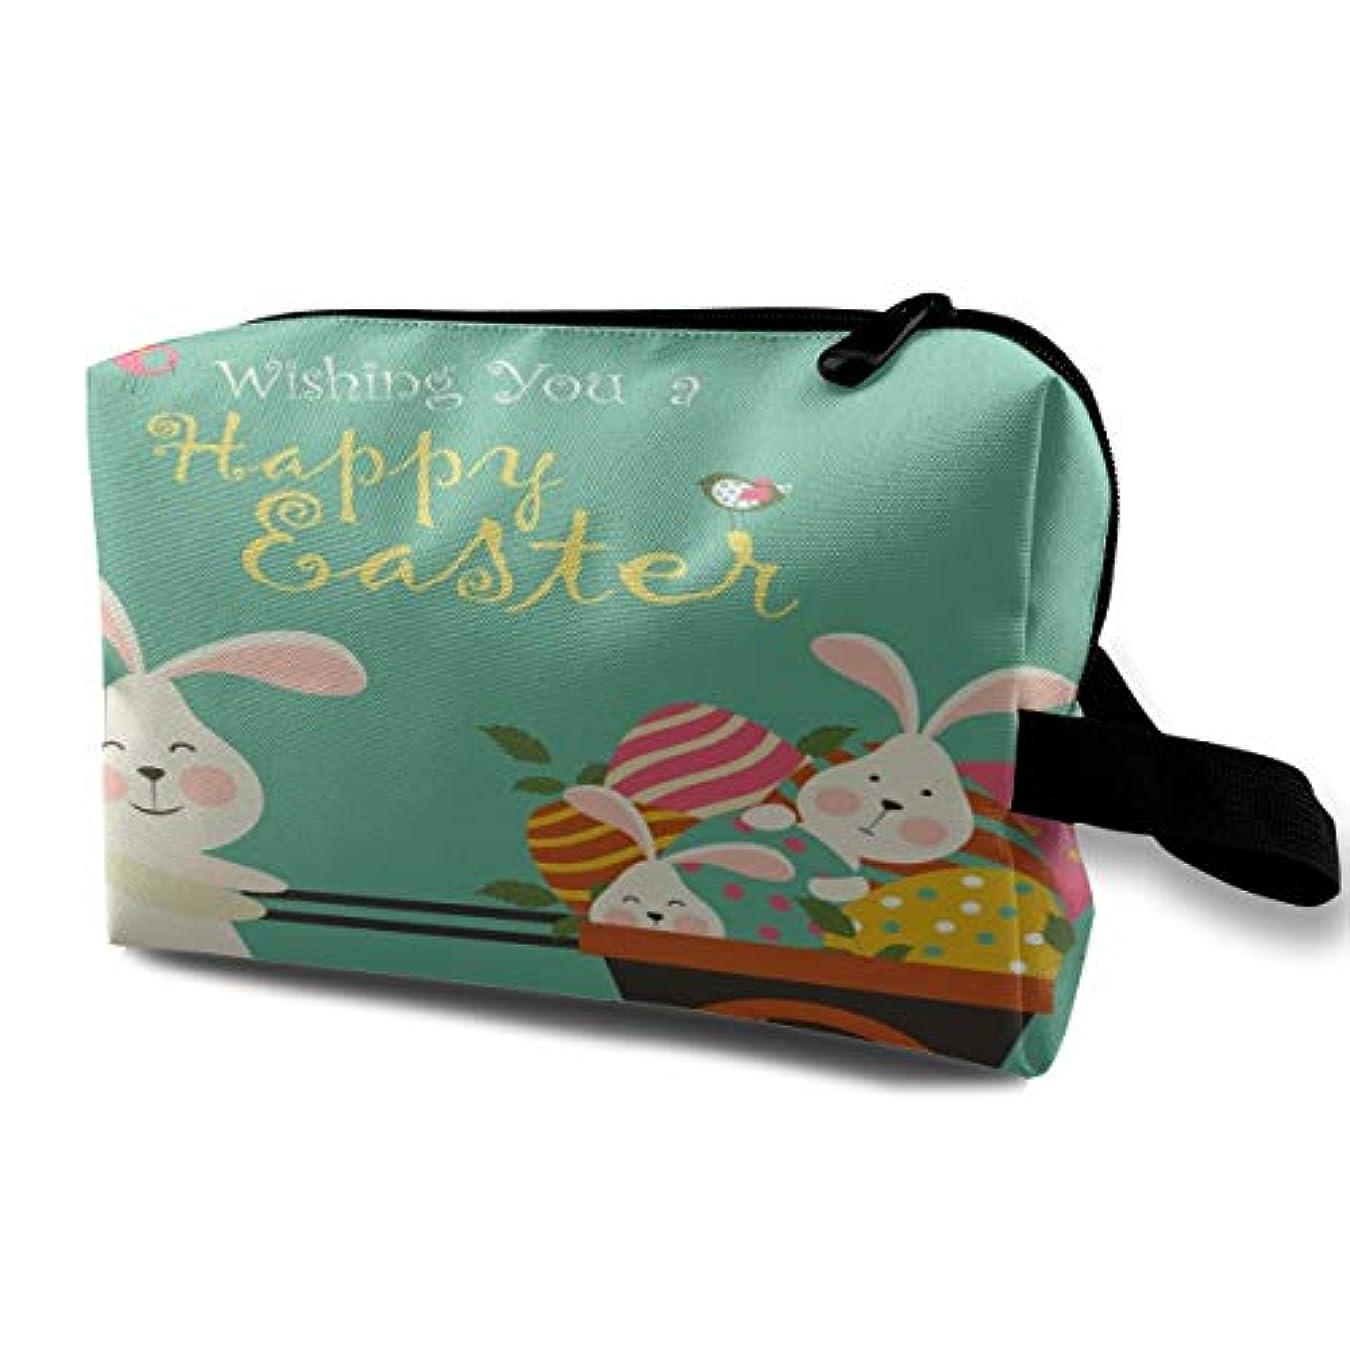 ぎこちない報いる製造業Bunnies And Easter Eggs 収納ポーチ 化粧ポーチ 大容量 軽量 耐久性 ハンドル付持ち運び便利。入れ 自宅?出張?旅行?アウトドア撮影などに対応。メンズ レディース トラベルグッズ